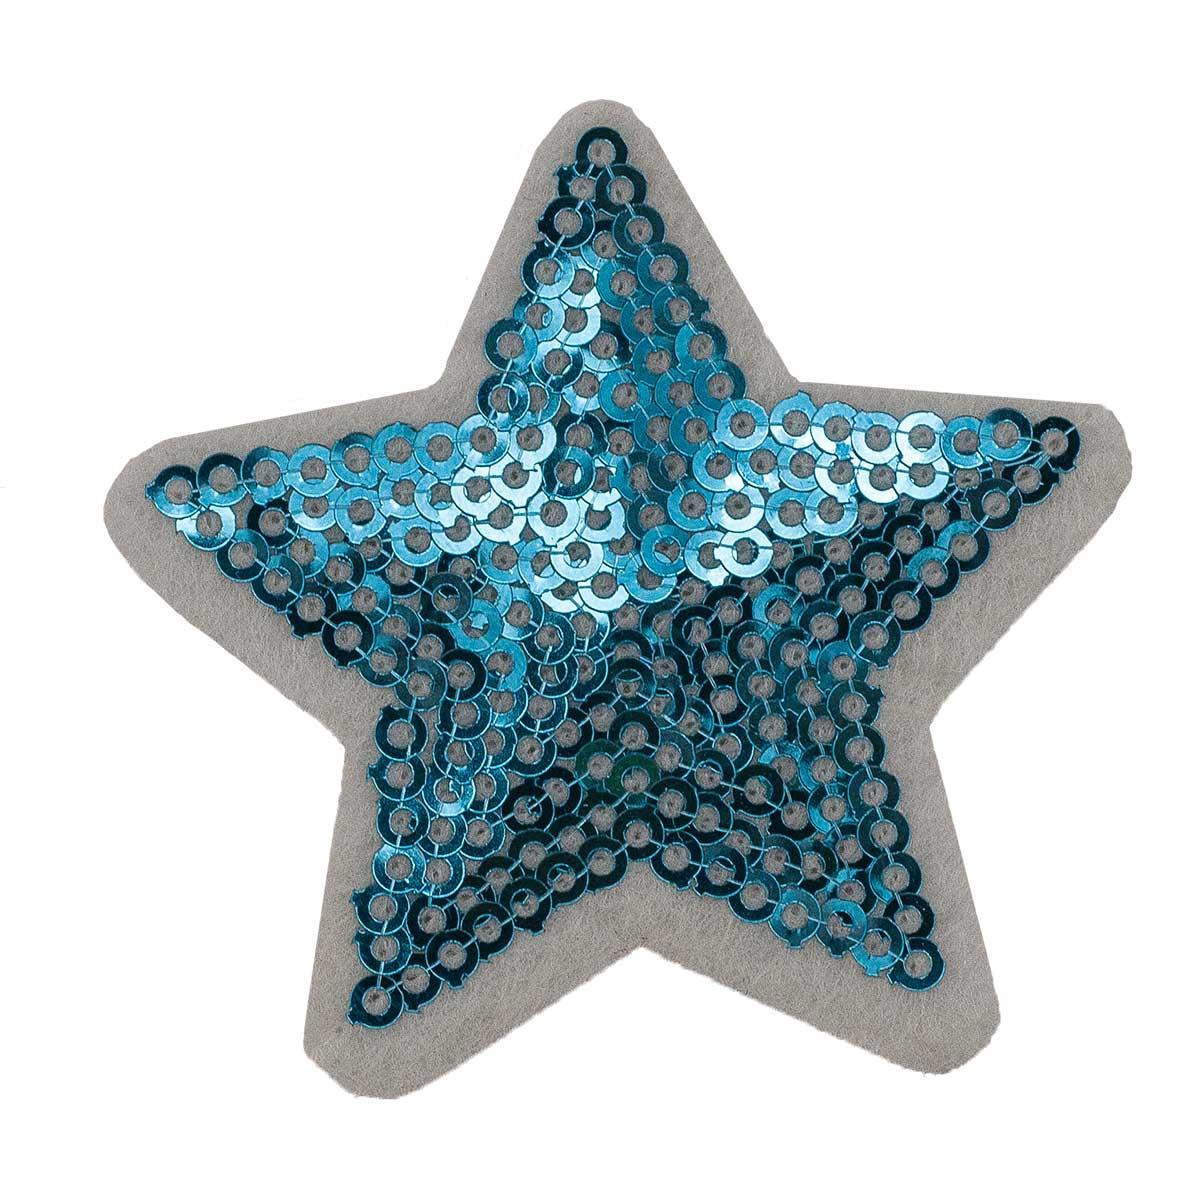 1881035 Термоаппликация звезда 5,2*5,2см бирюзовый пайетки упак/10шт